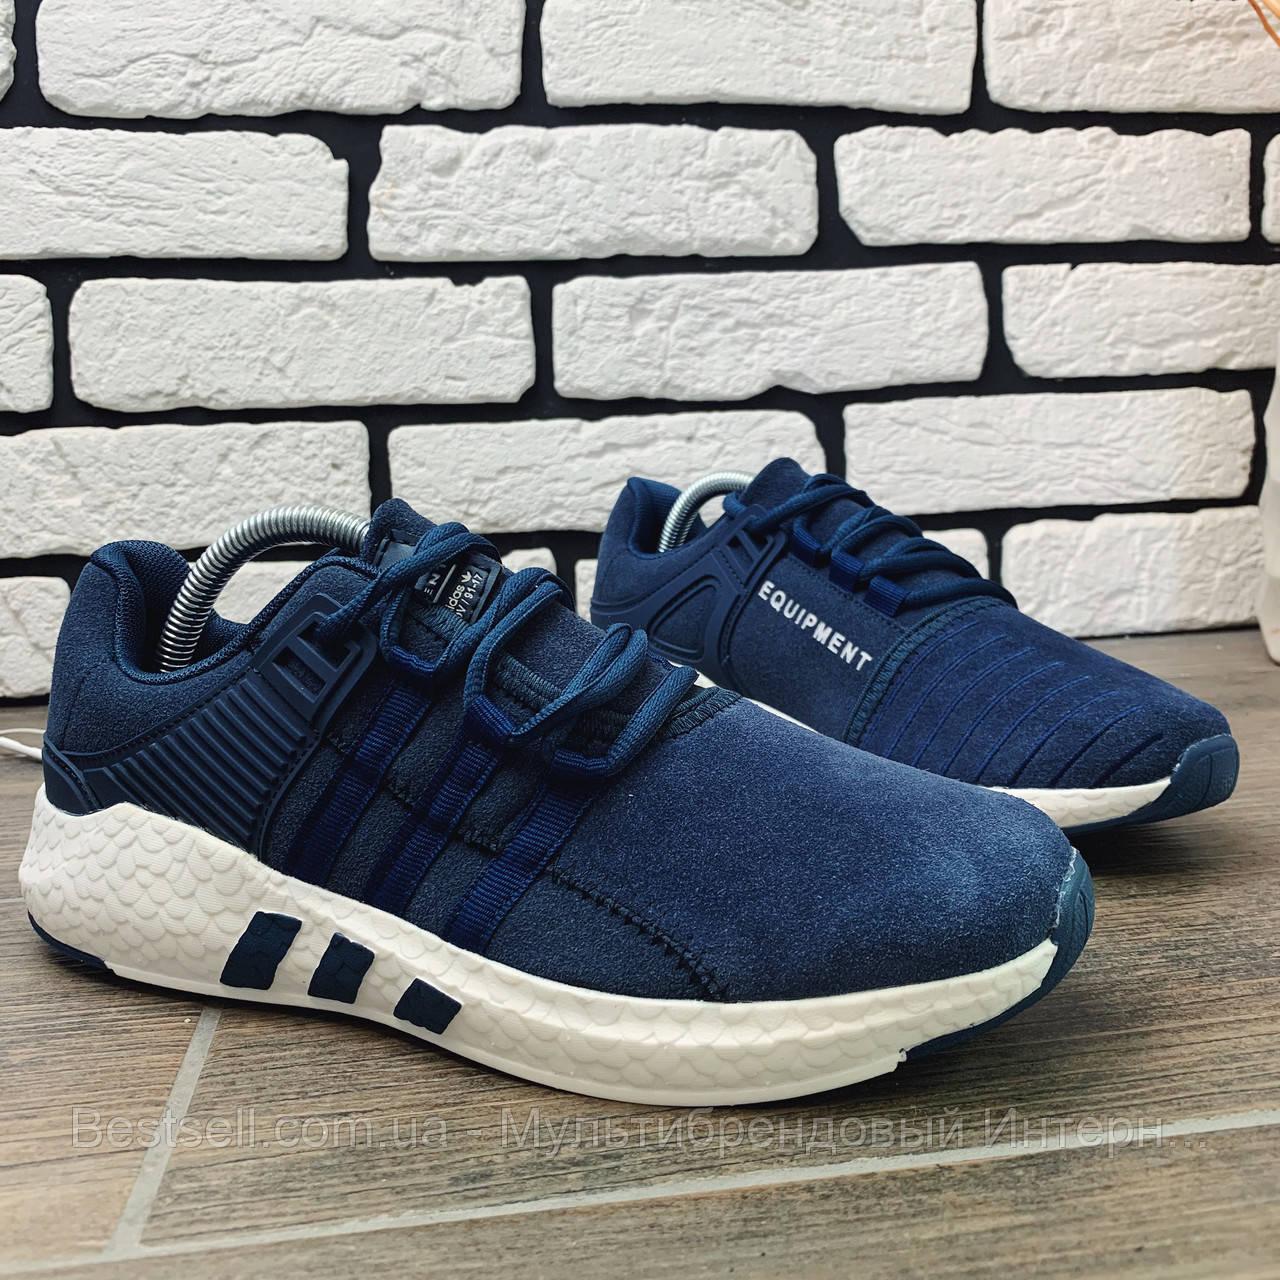 Кроссовки Adidas EQUIPMENT  30995 ⏩ [ 41 последний размер ]